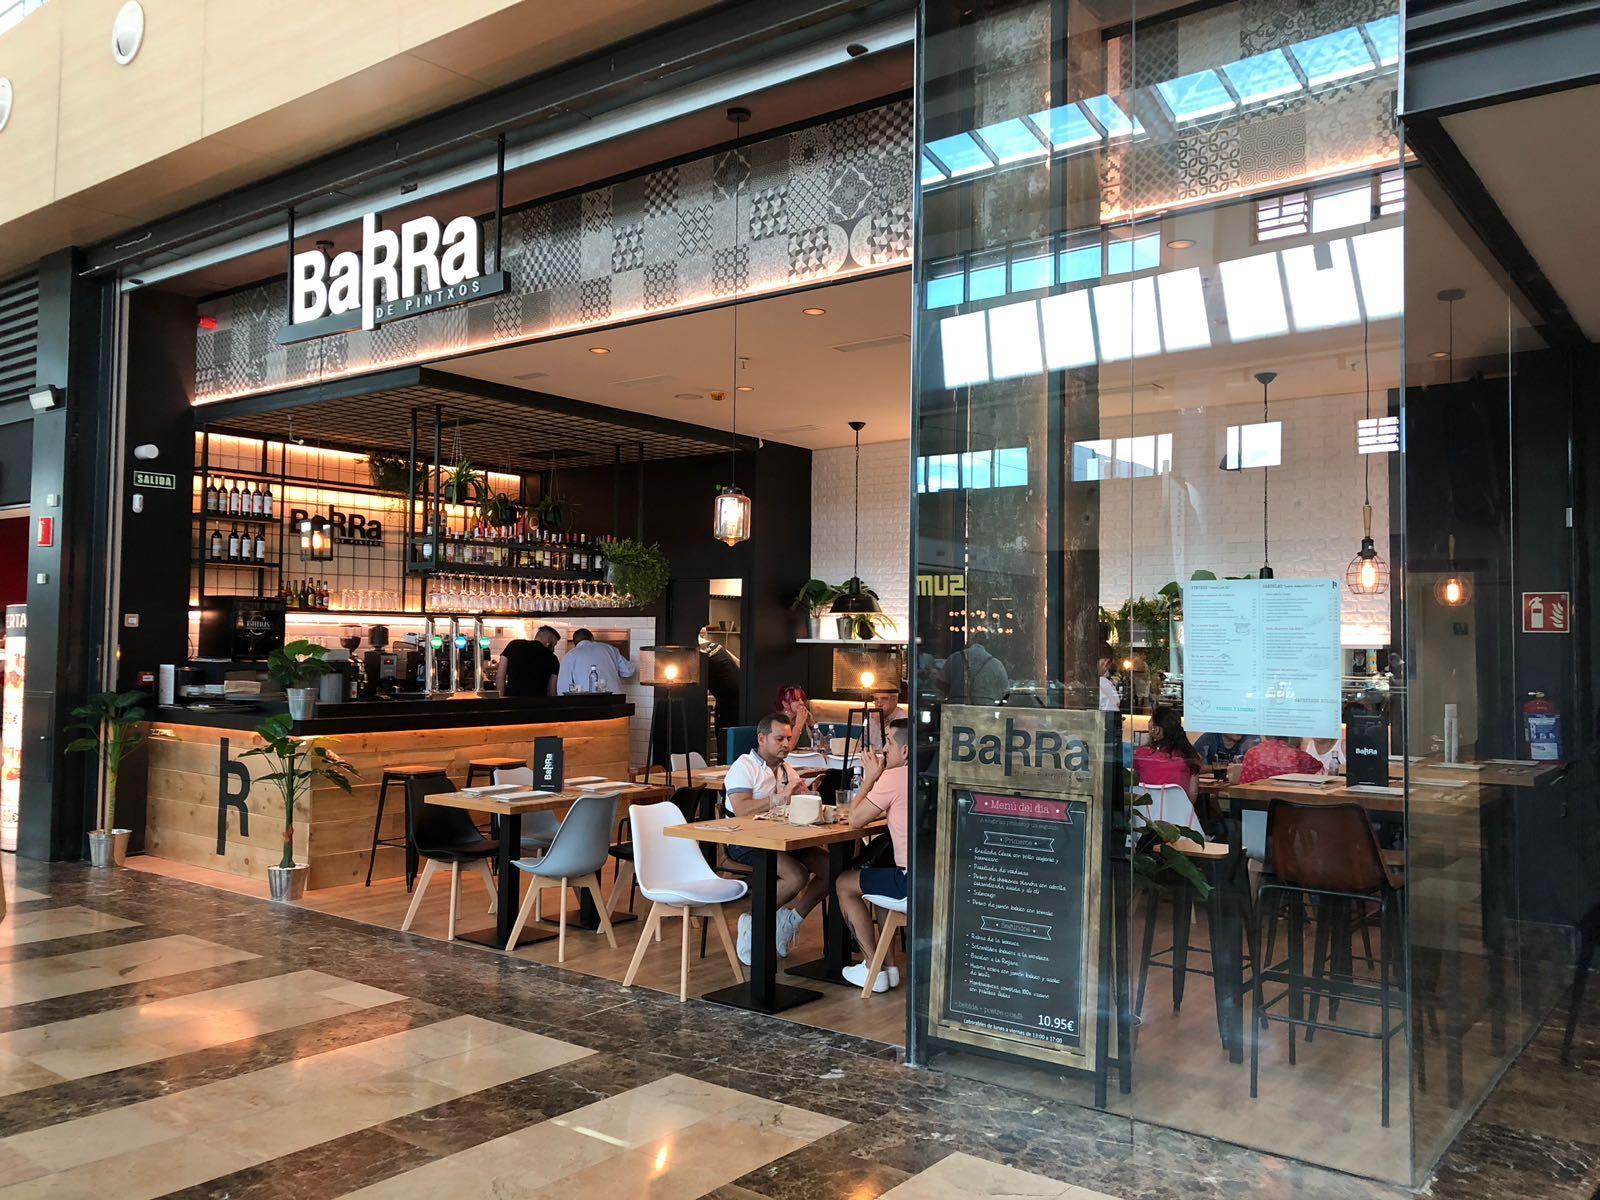 Barra De Pintxos Abre Un Nuevo Restaurante En El Centro Comercial